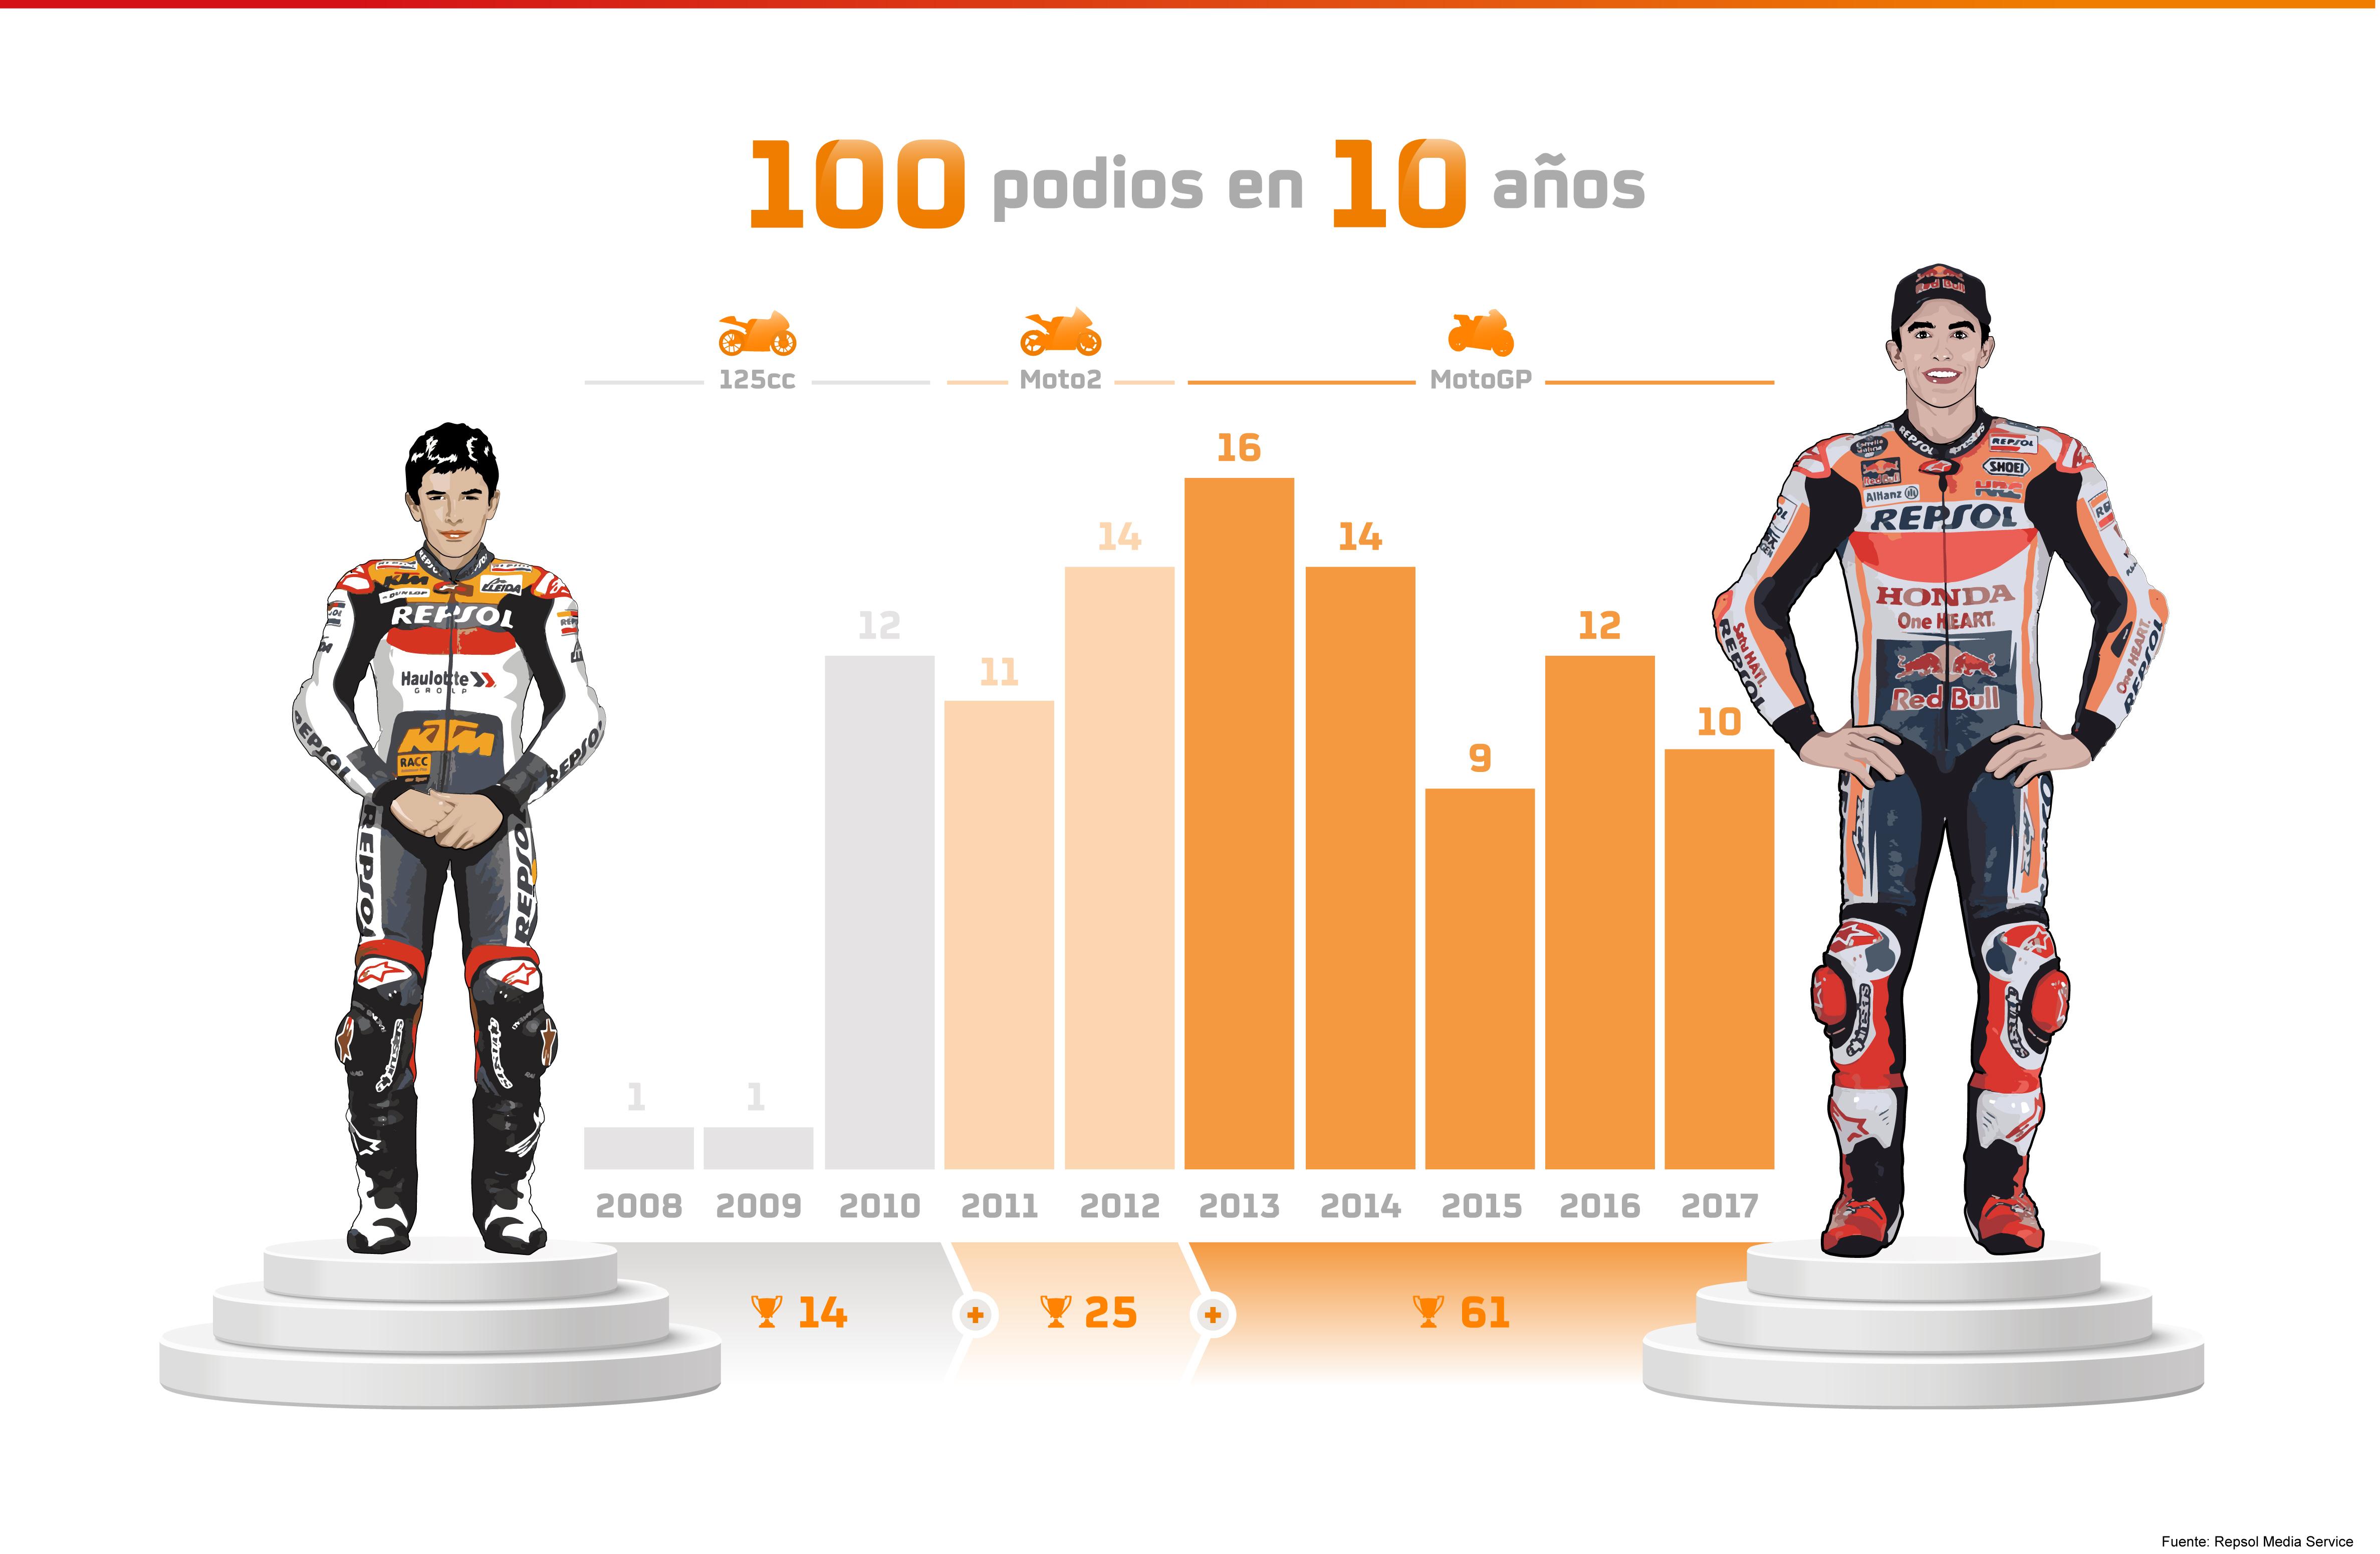 Infografía de los 100 podios de Marc Márquez